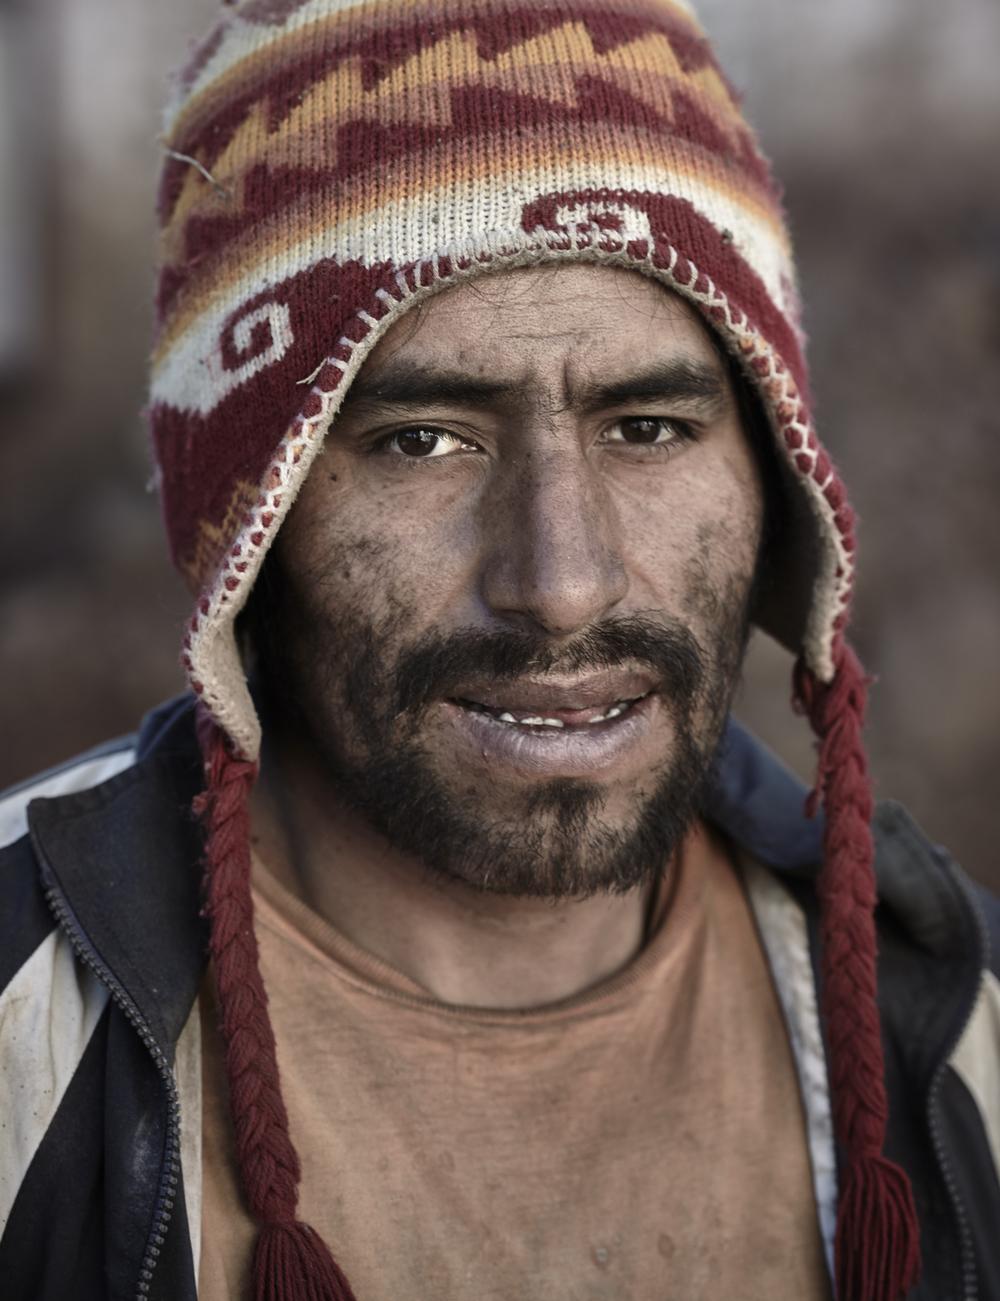 NG_Peru_0891_web.jpg